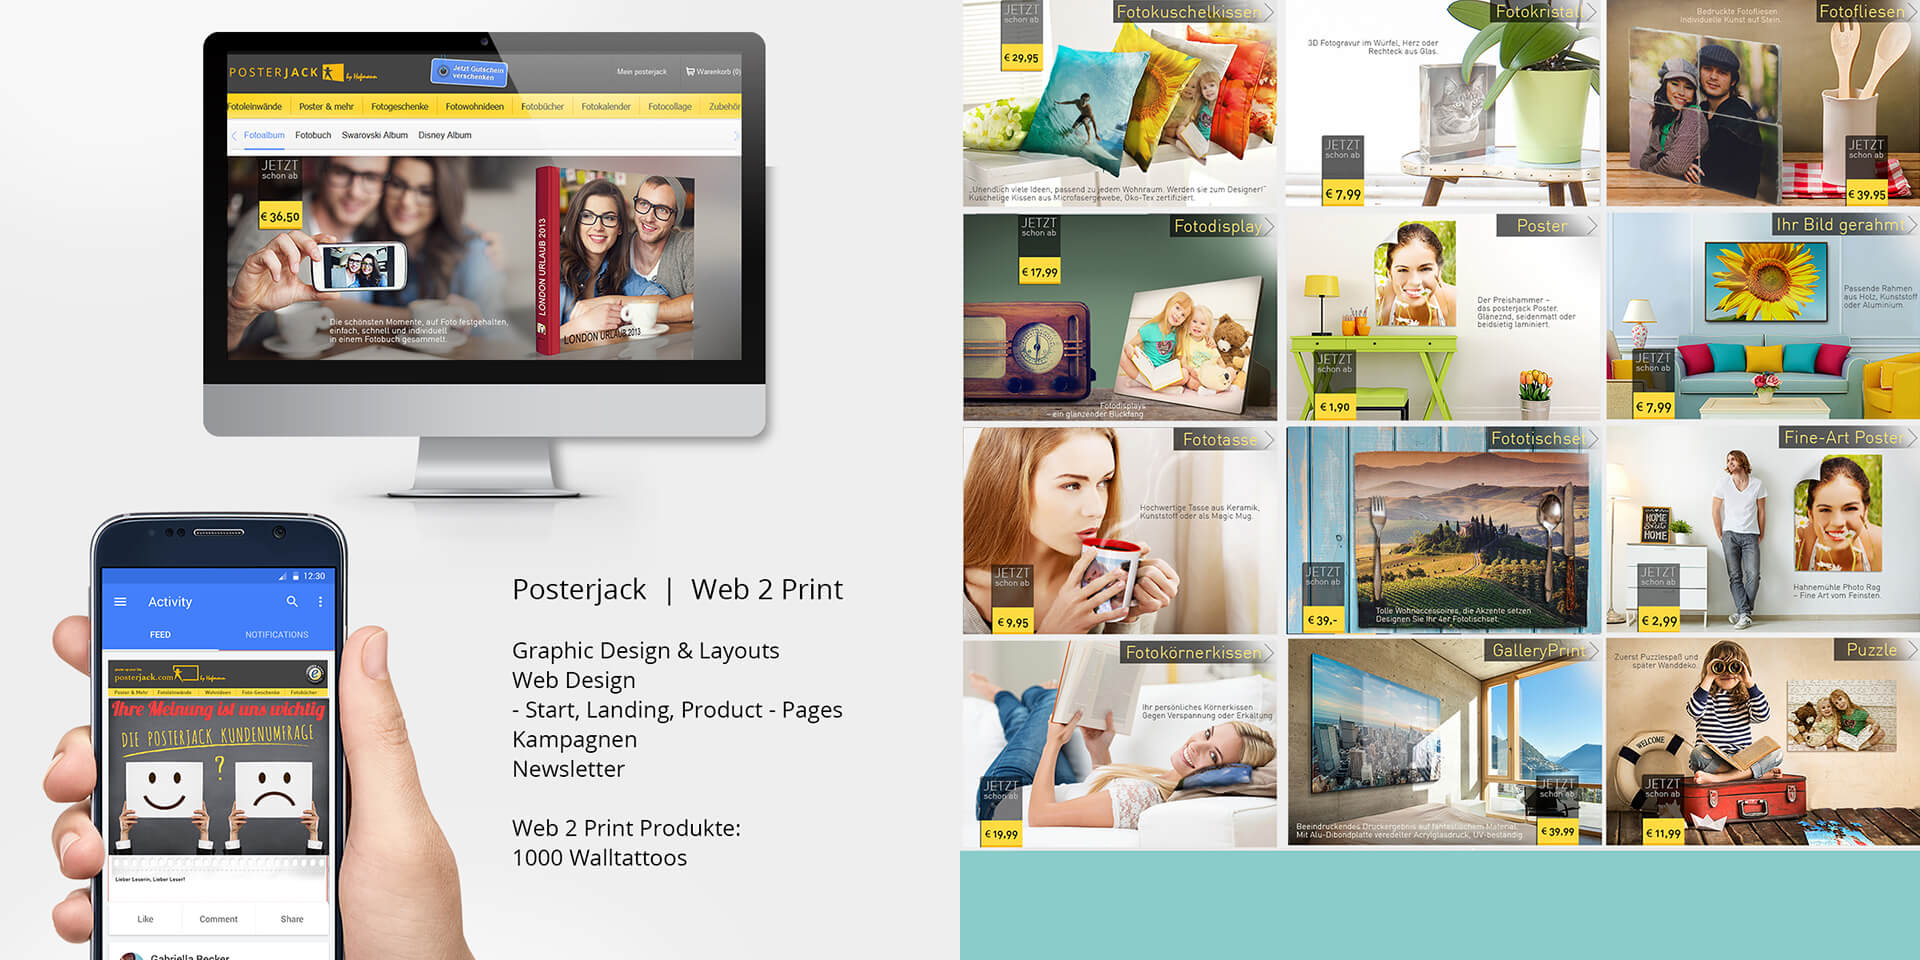 webdesign online marketing responsive wordpress html5 css newsletter banner 18